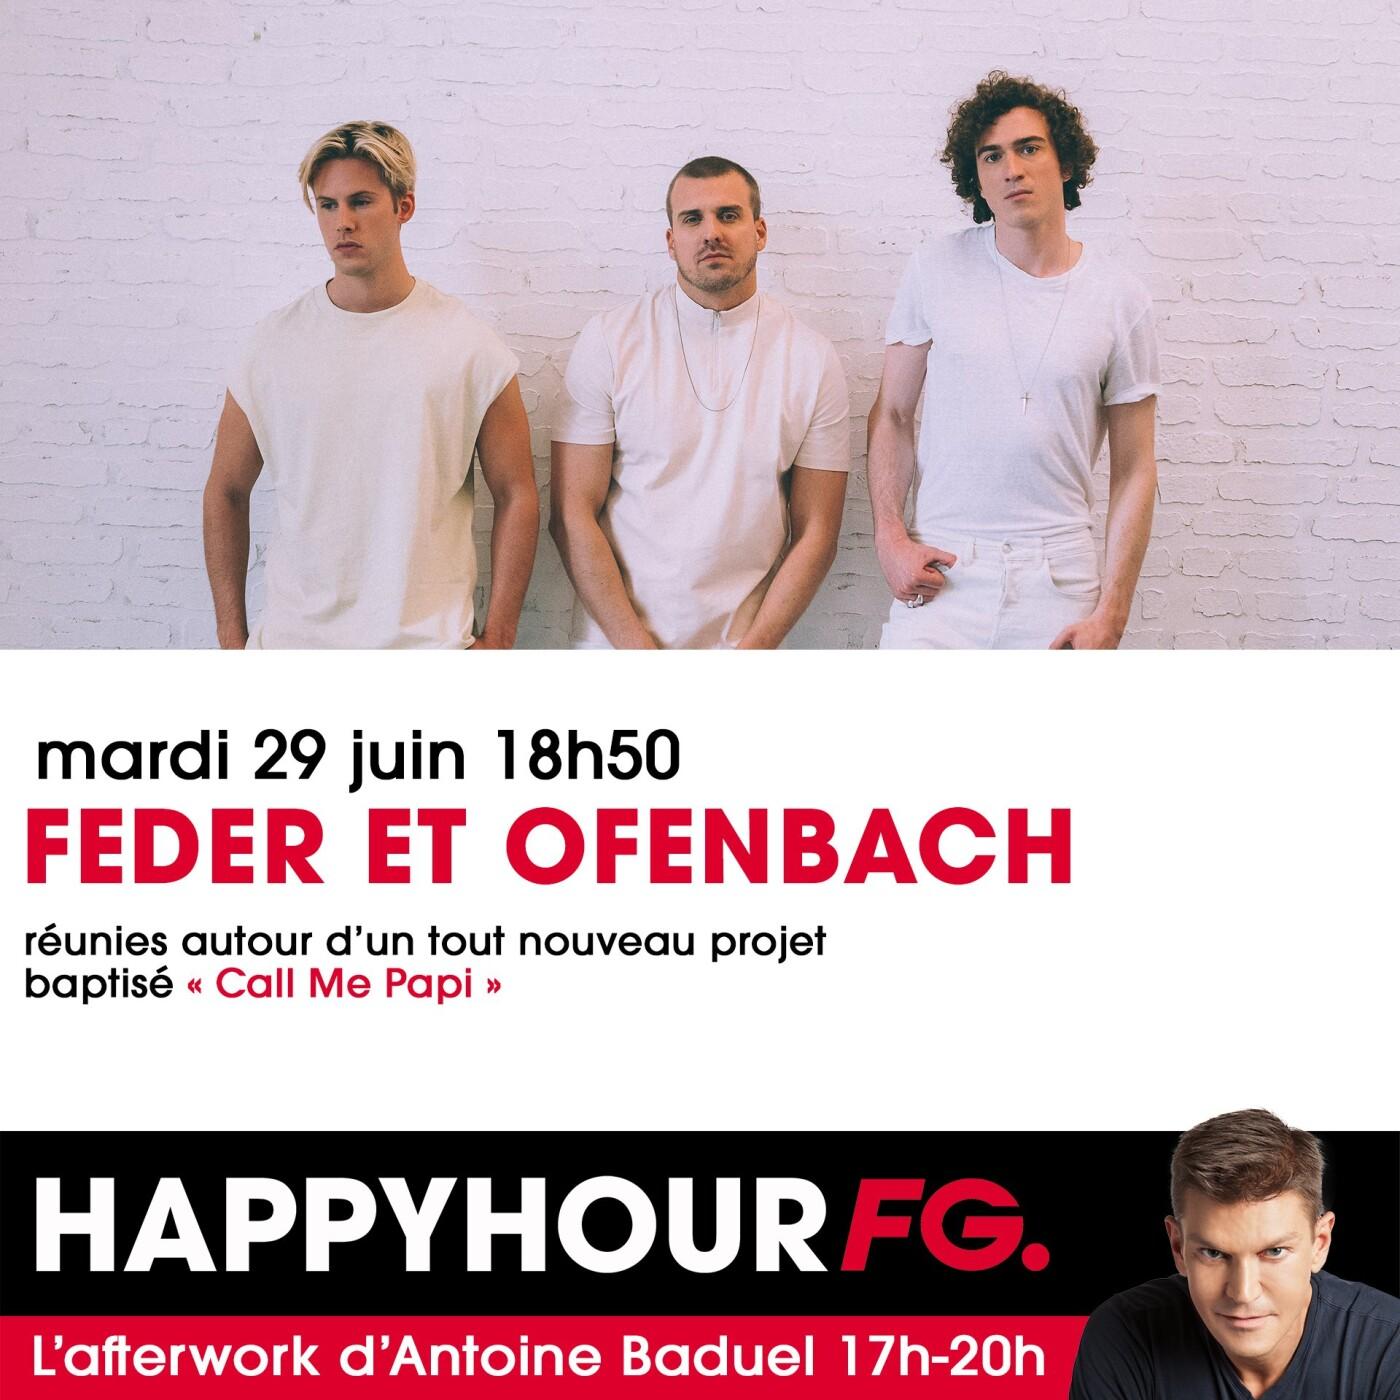 L'INTERVIEW DE FEDER & OFENBACH AUGE DANS L'HAPPY HOUR FG